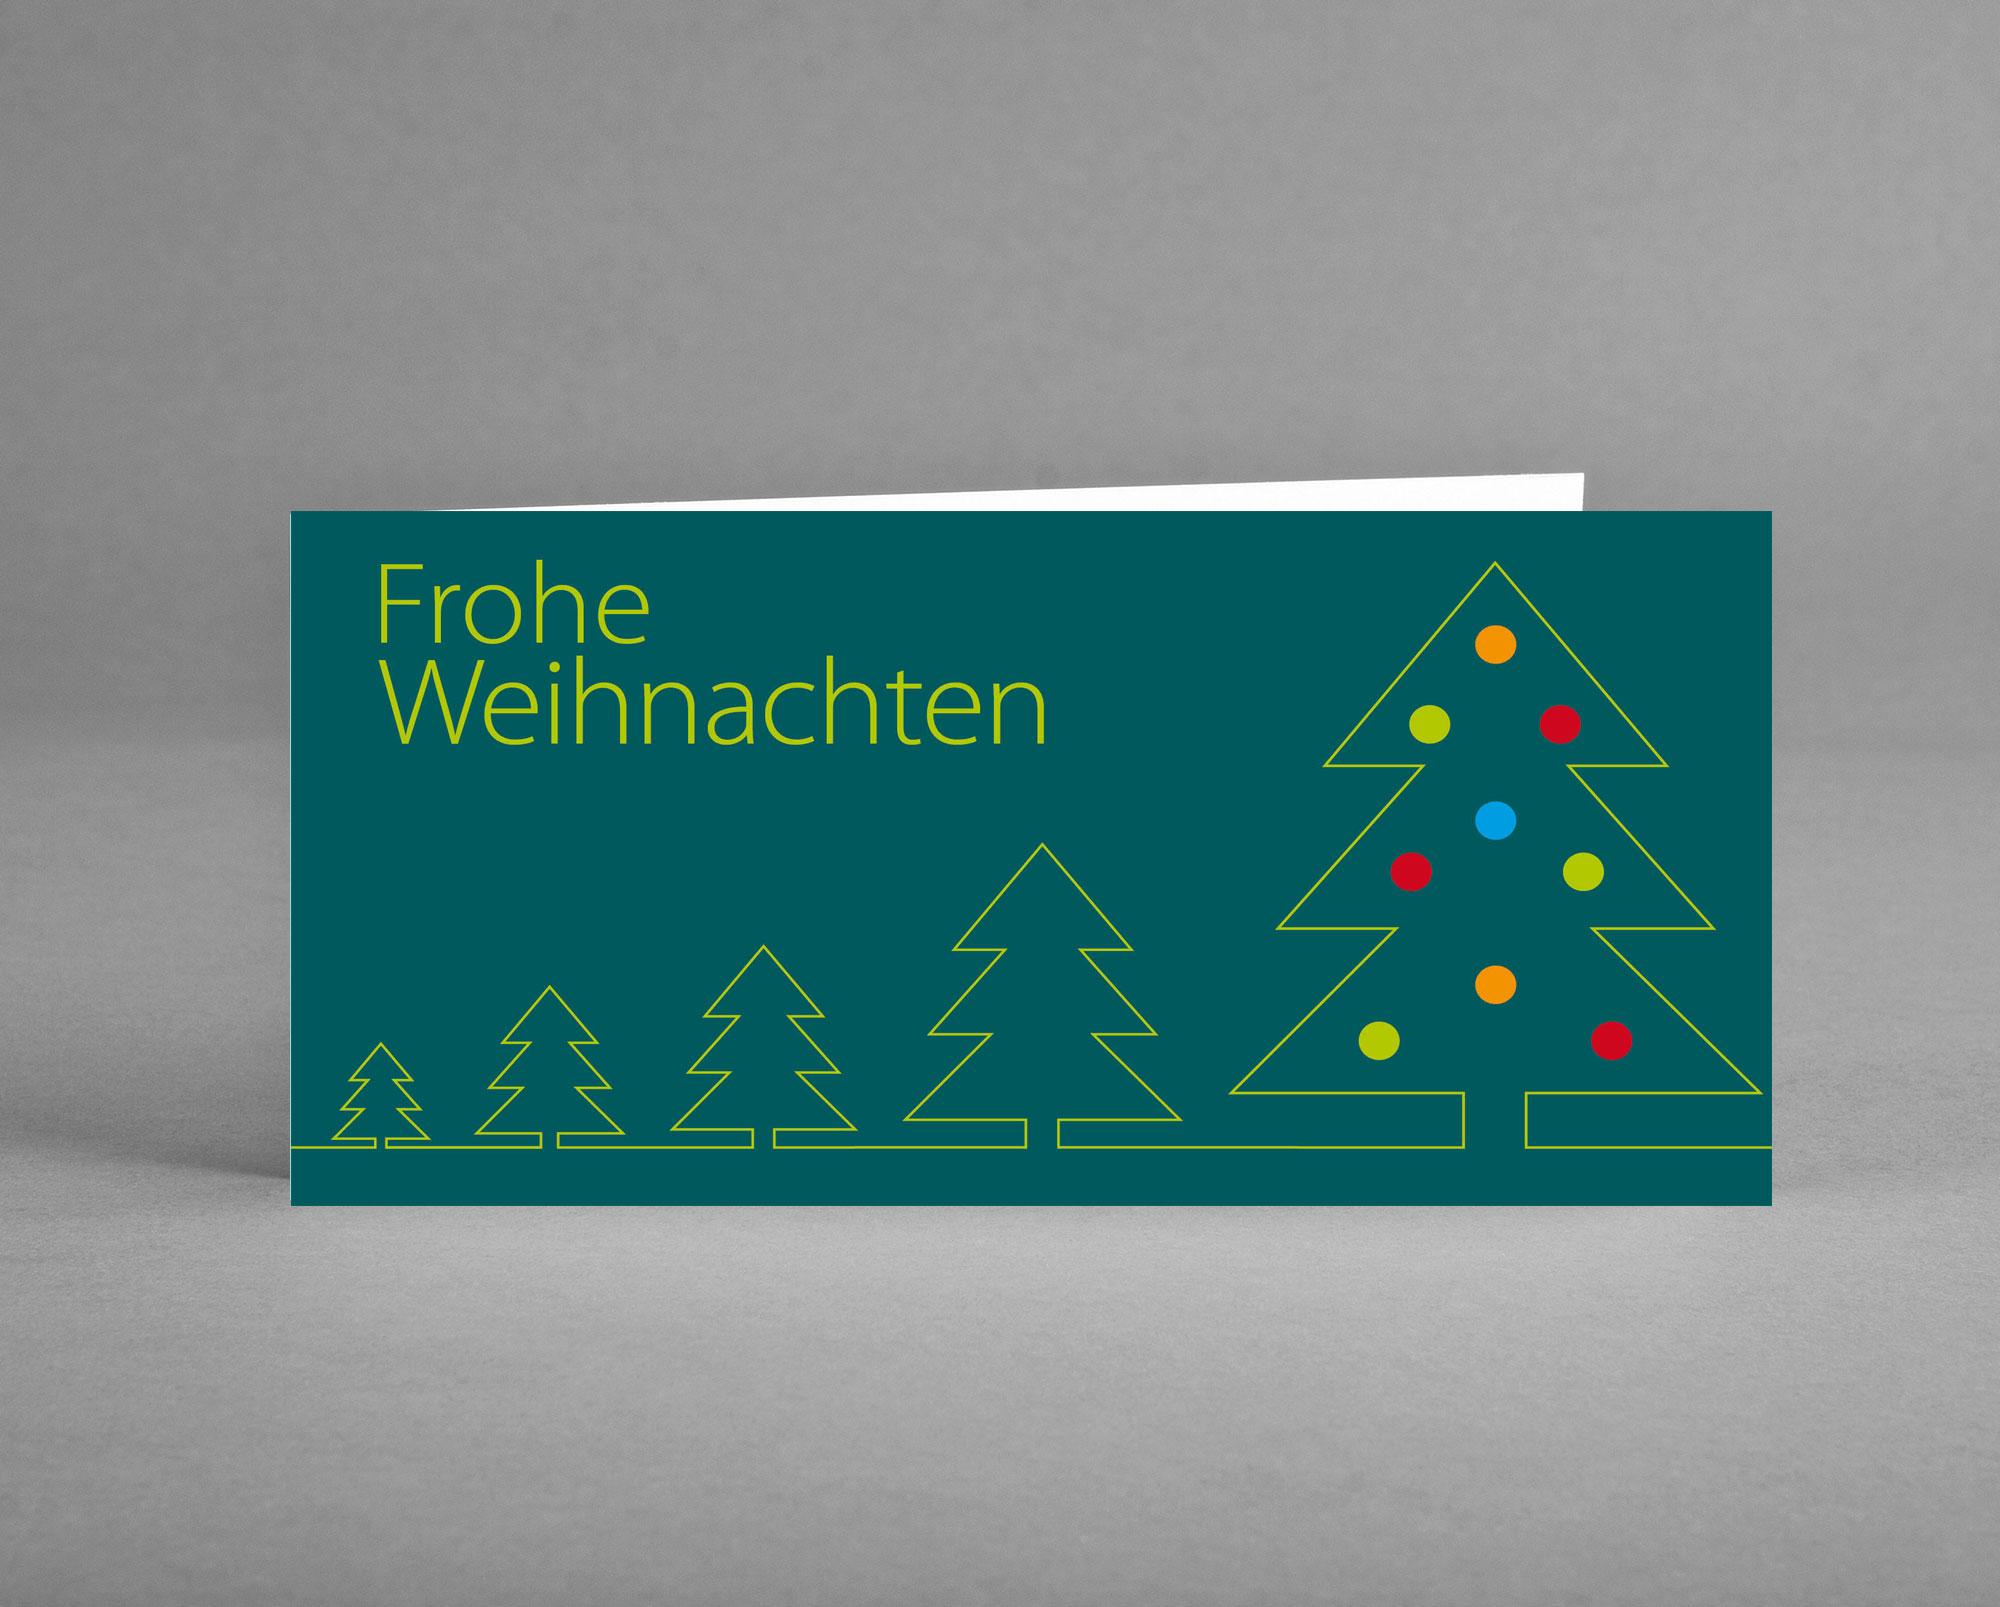 Weihnachtskarte_gr-ne-Weihnachtsb-ume-als-Silhouette-auf-tannengr-n_mit-buten-Kugeln_aussen_grusskarten-design973nS1nJtO2os